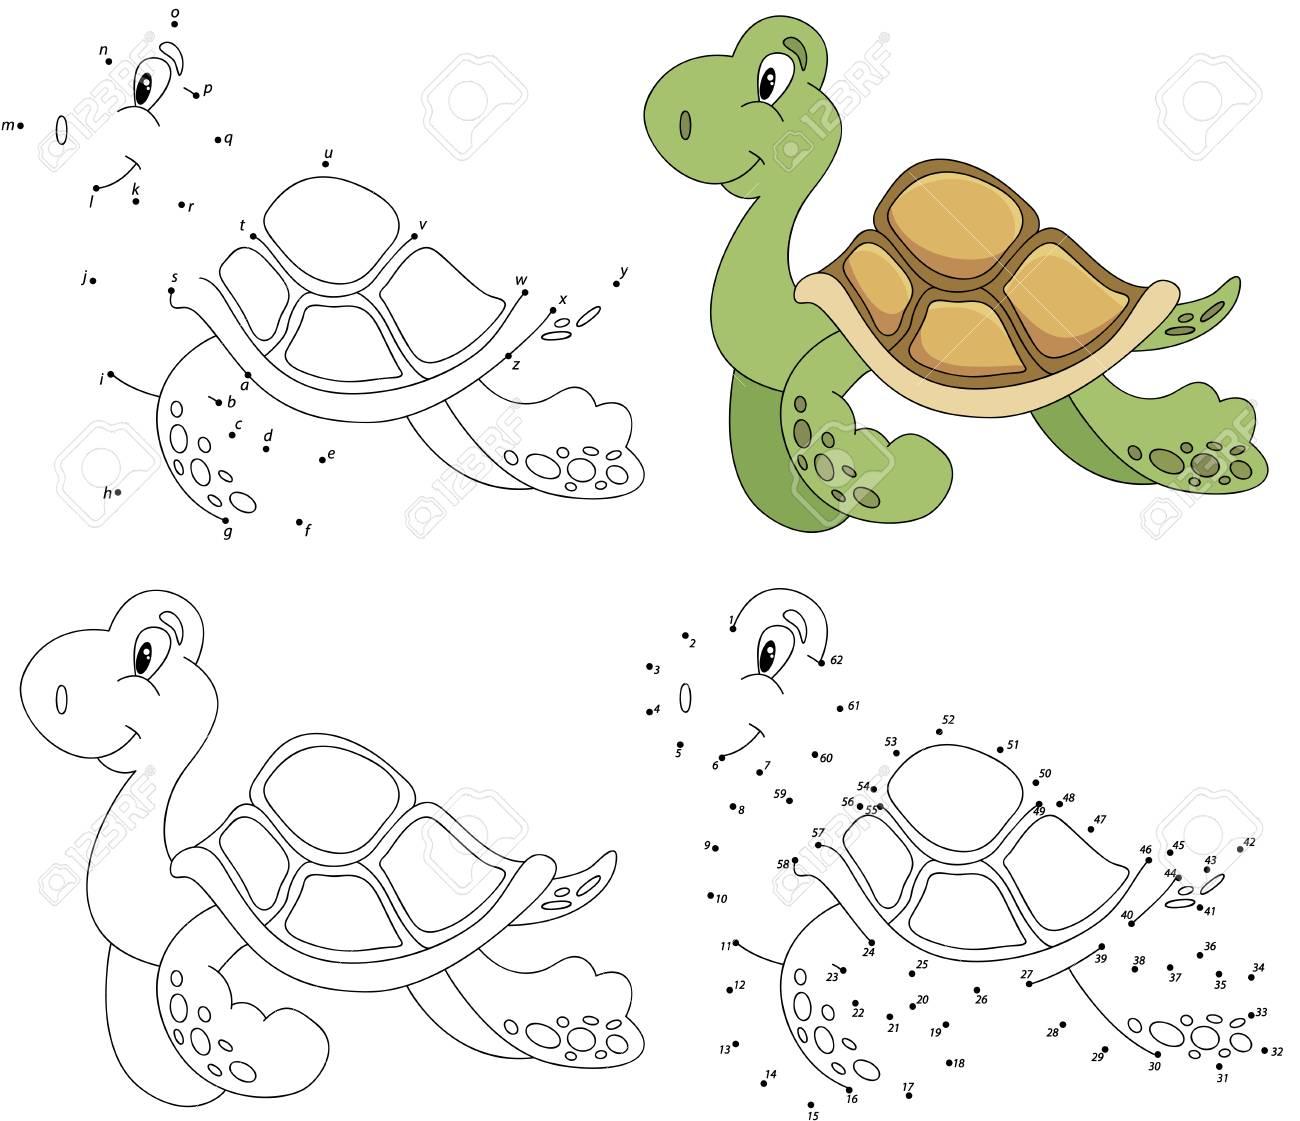 Ziemlich Cartoon Schildkröte Malvorlagen Ideen - Framing Malvorlagen ...